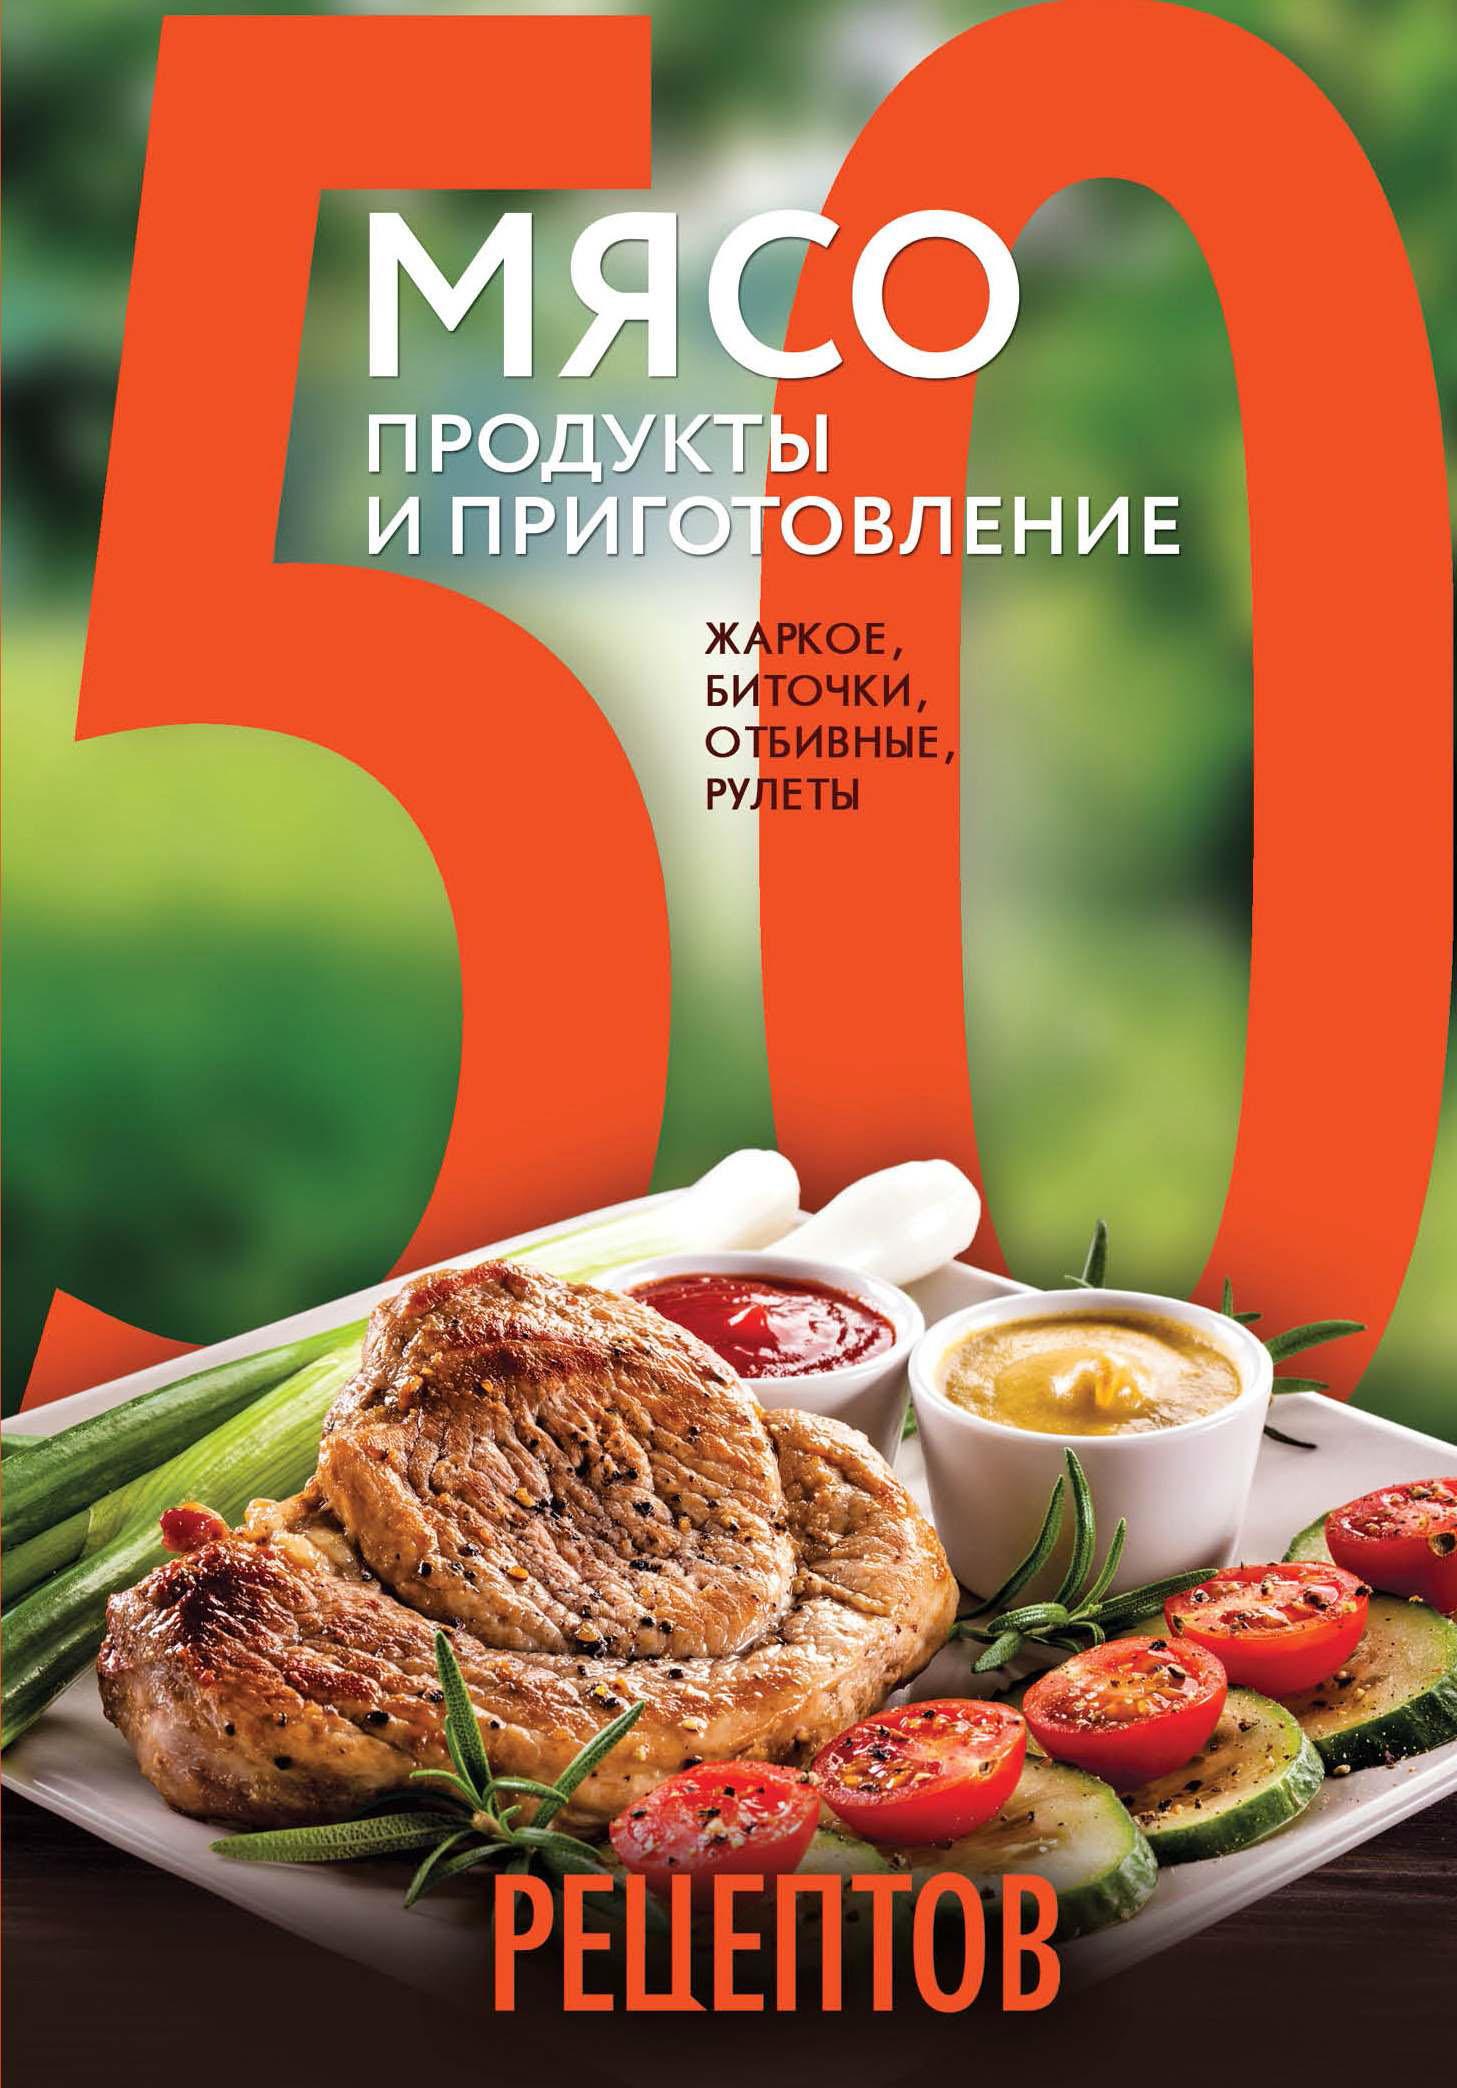 выпечка и приготовление Отсутствует 50 рецептов. Мясо. Продукты и приготовление. Жаркое, биточки, отбивные, холодцы